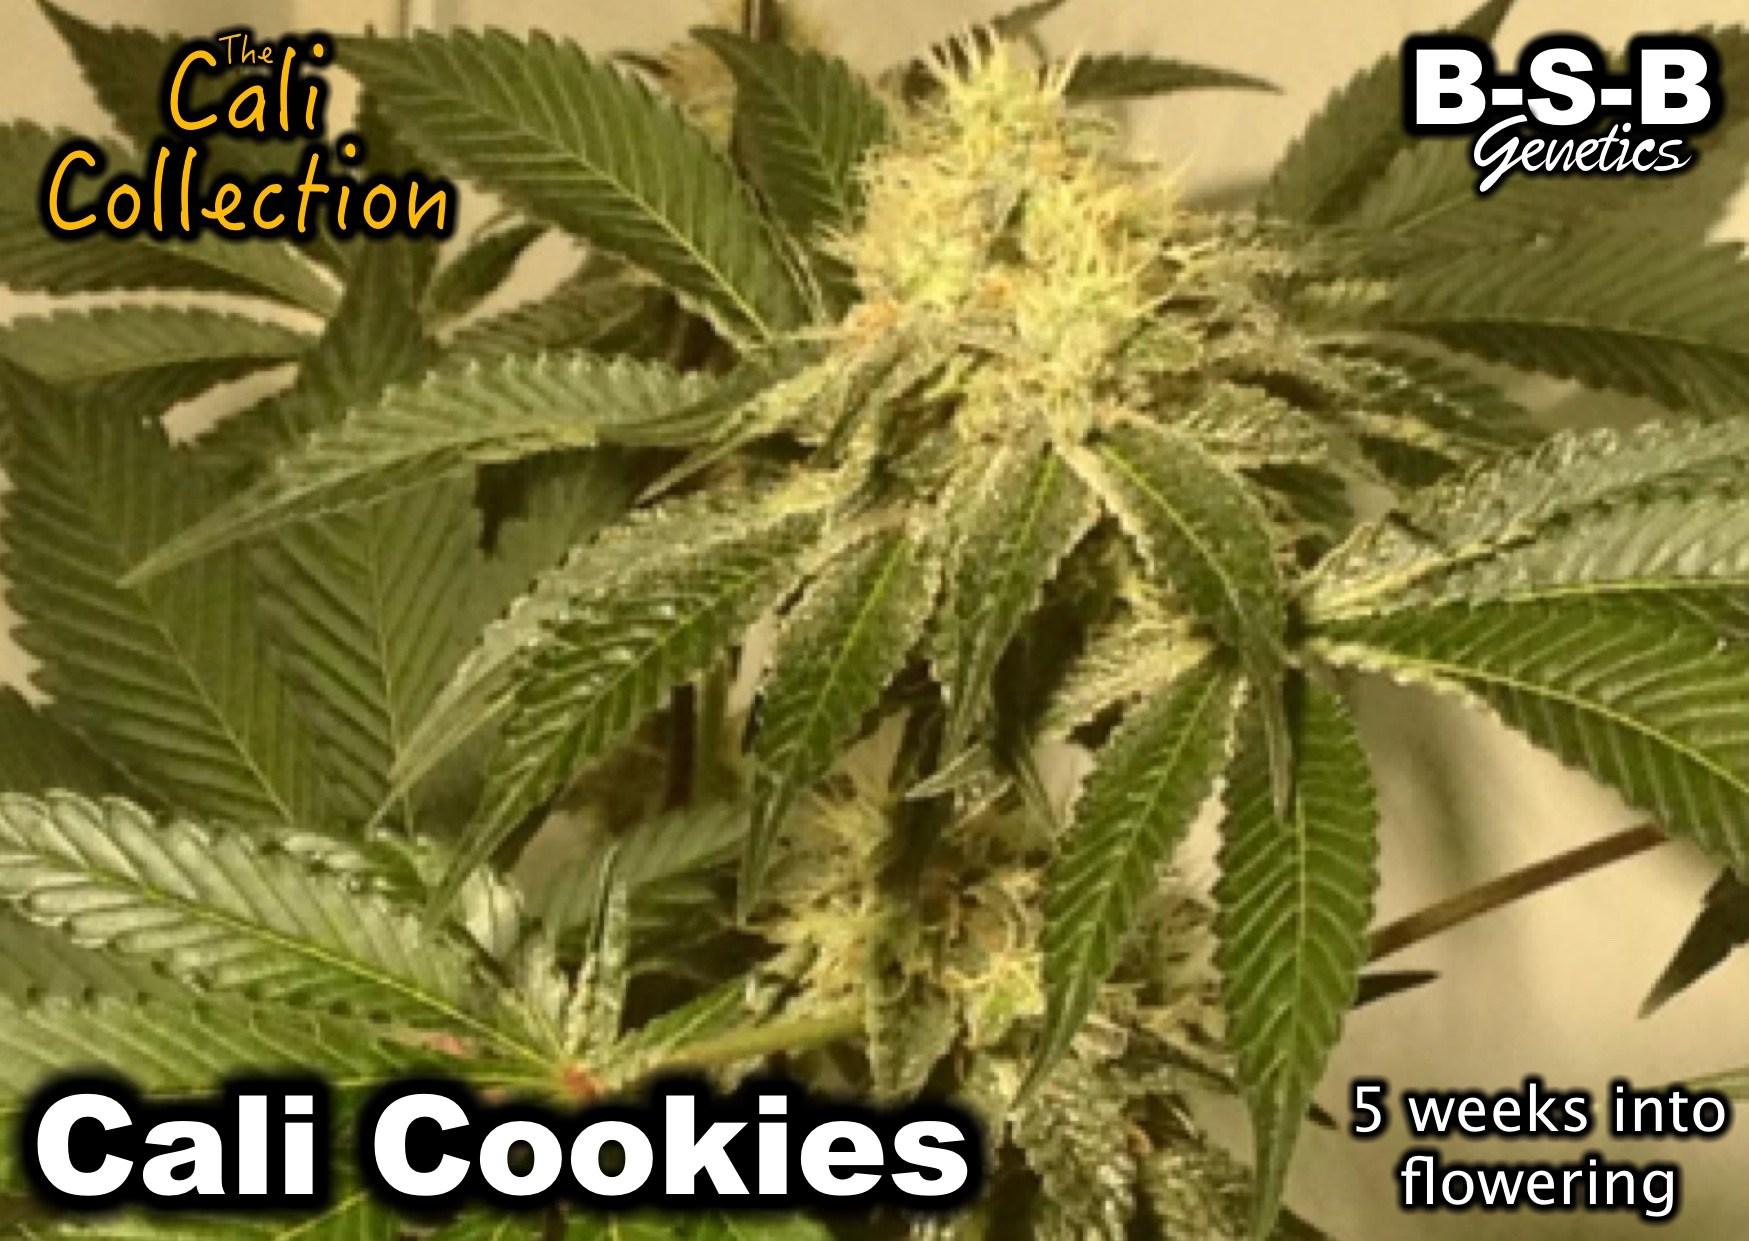 עוגיות קאלי - גנטיקה של BSB